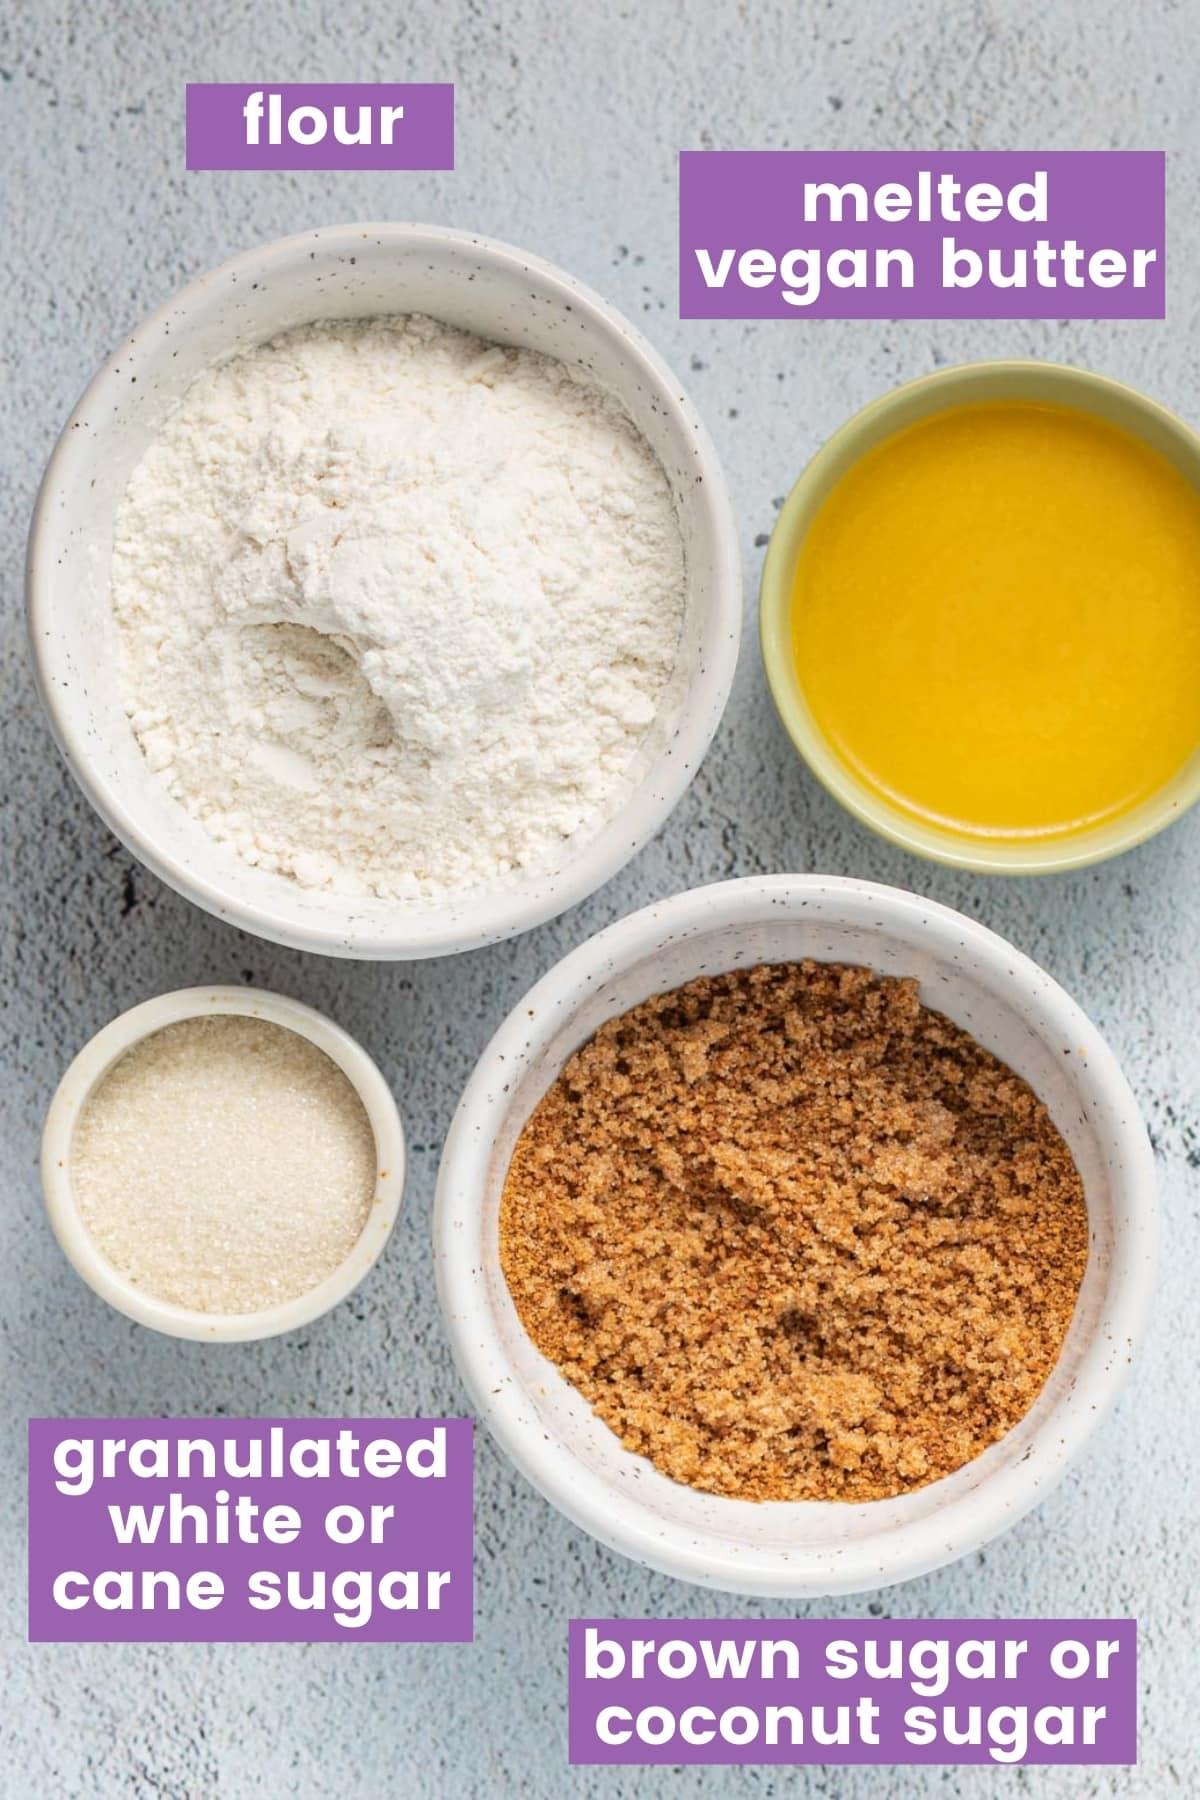 ingredients for vegan streusel as per the written ingredients